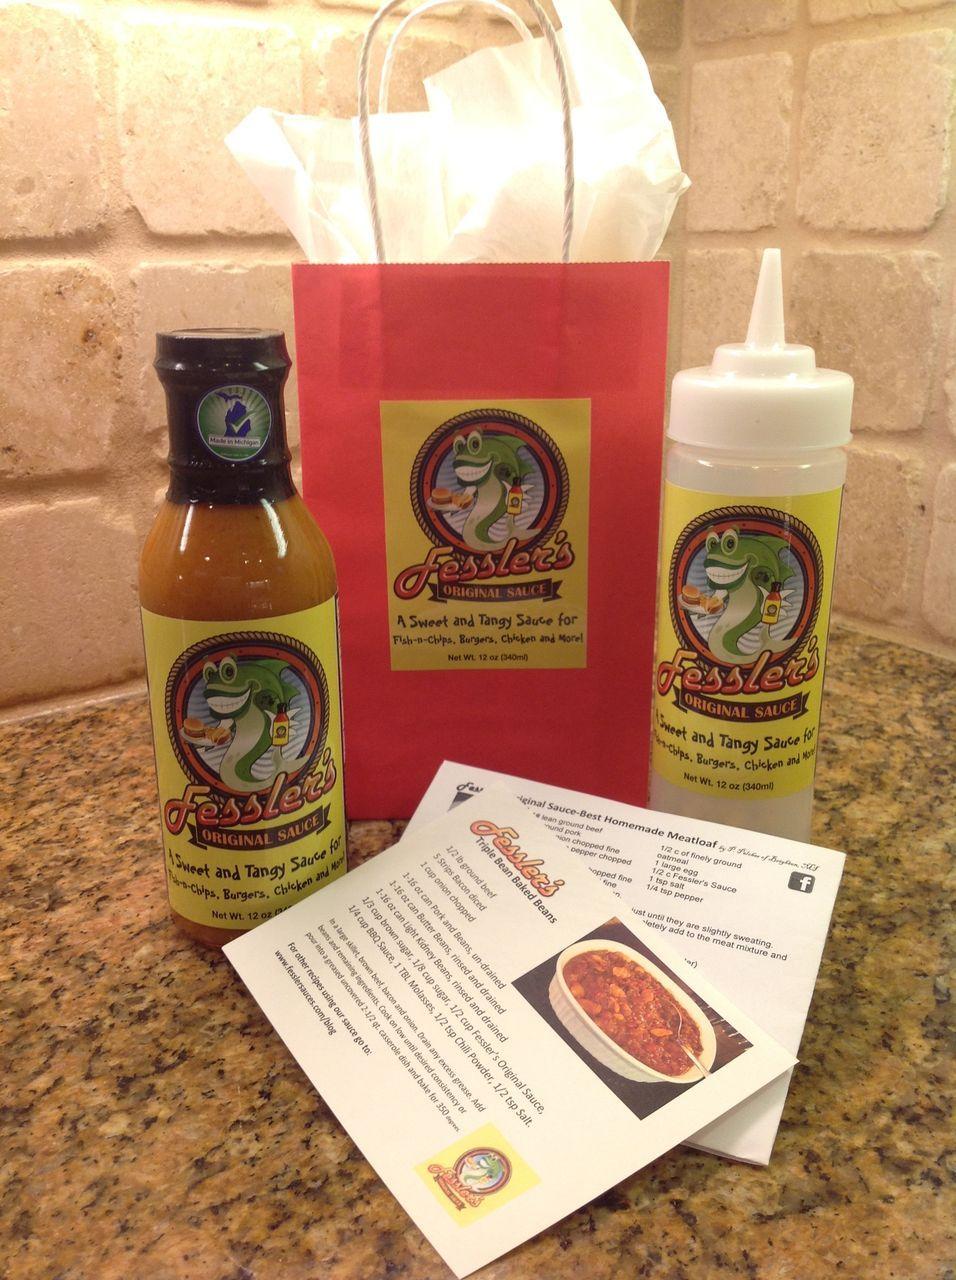 Fessler S Original Sauce Of Brighton Mi The Originals Michigan Blissfield